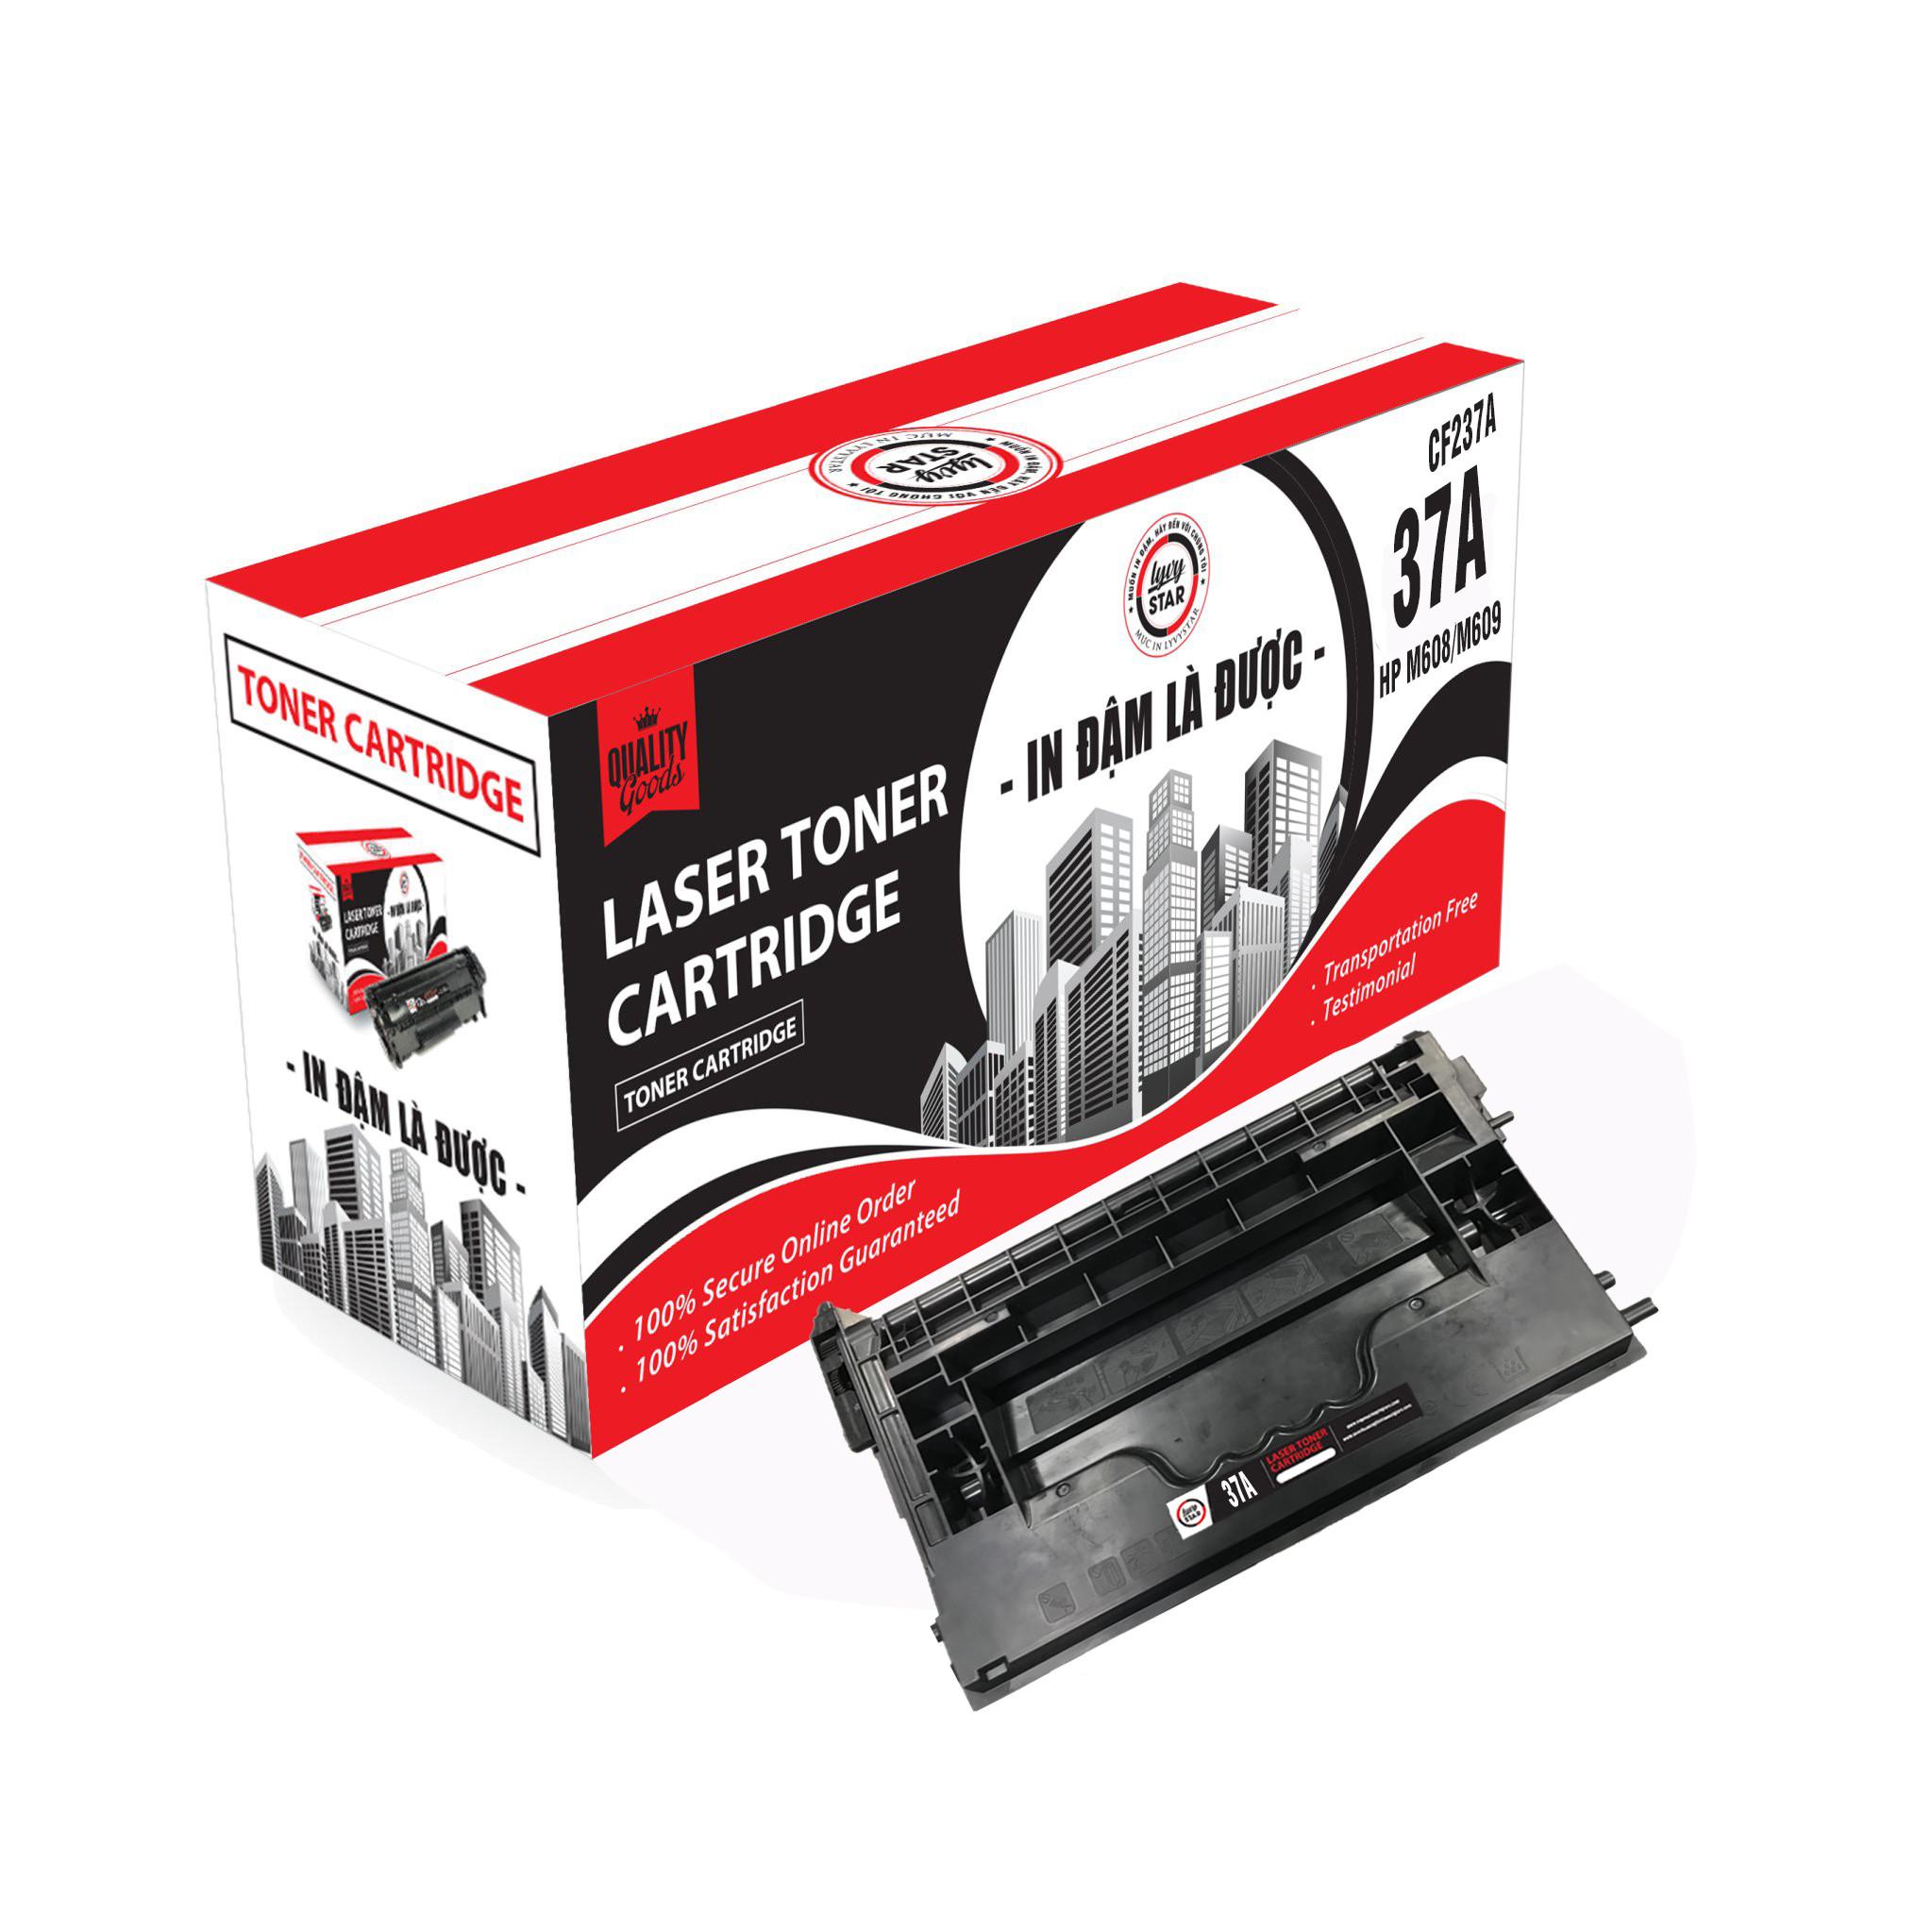 Mực in Lyvystar 37A (CF237A) dùng cho máy HP LaserJet Enterprise M633 - Hàng chính hãng